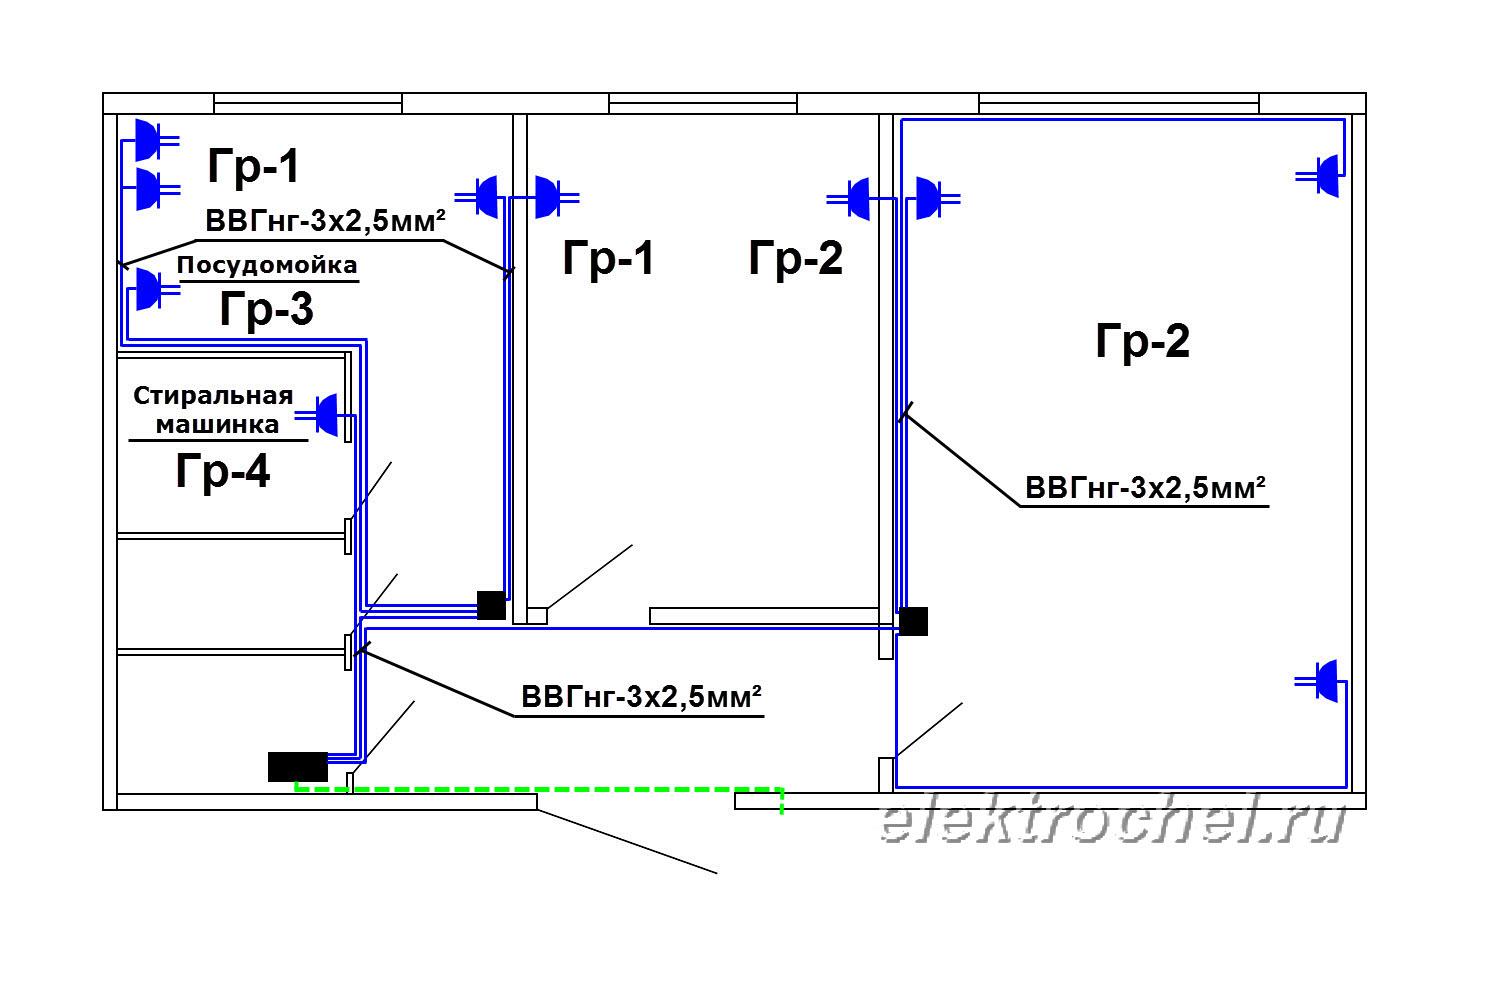 Схема электропроводки квартиры в панельном доме